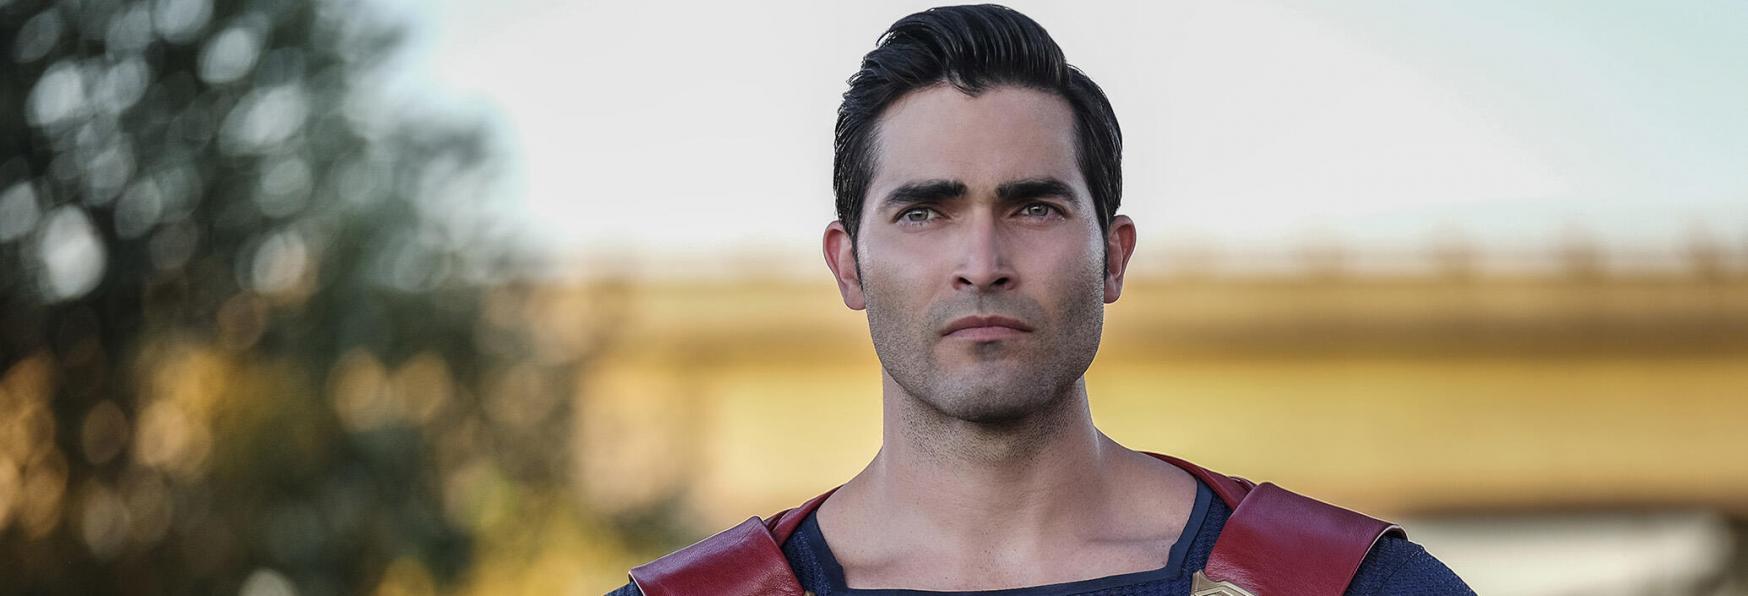 Superman & Lois avrà una Premiere da 90 minuti, la nuova Stagione di The Flash rimandata